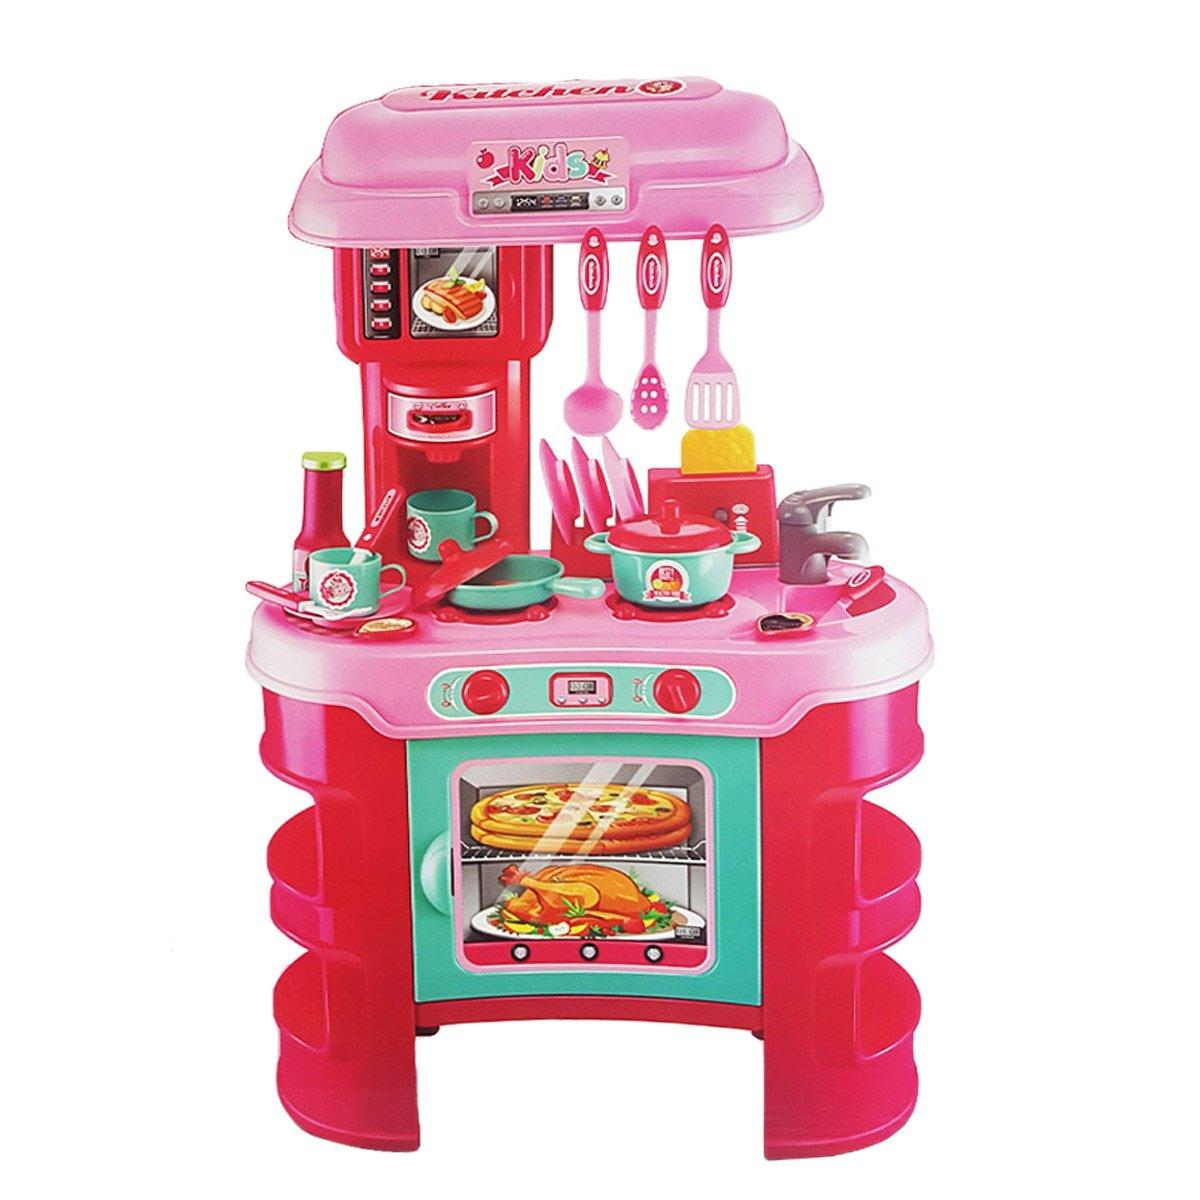 ست اسباب بازی آشپزخانه ژیونگ چنگ مدل 008-908